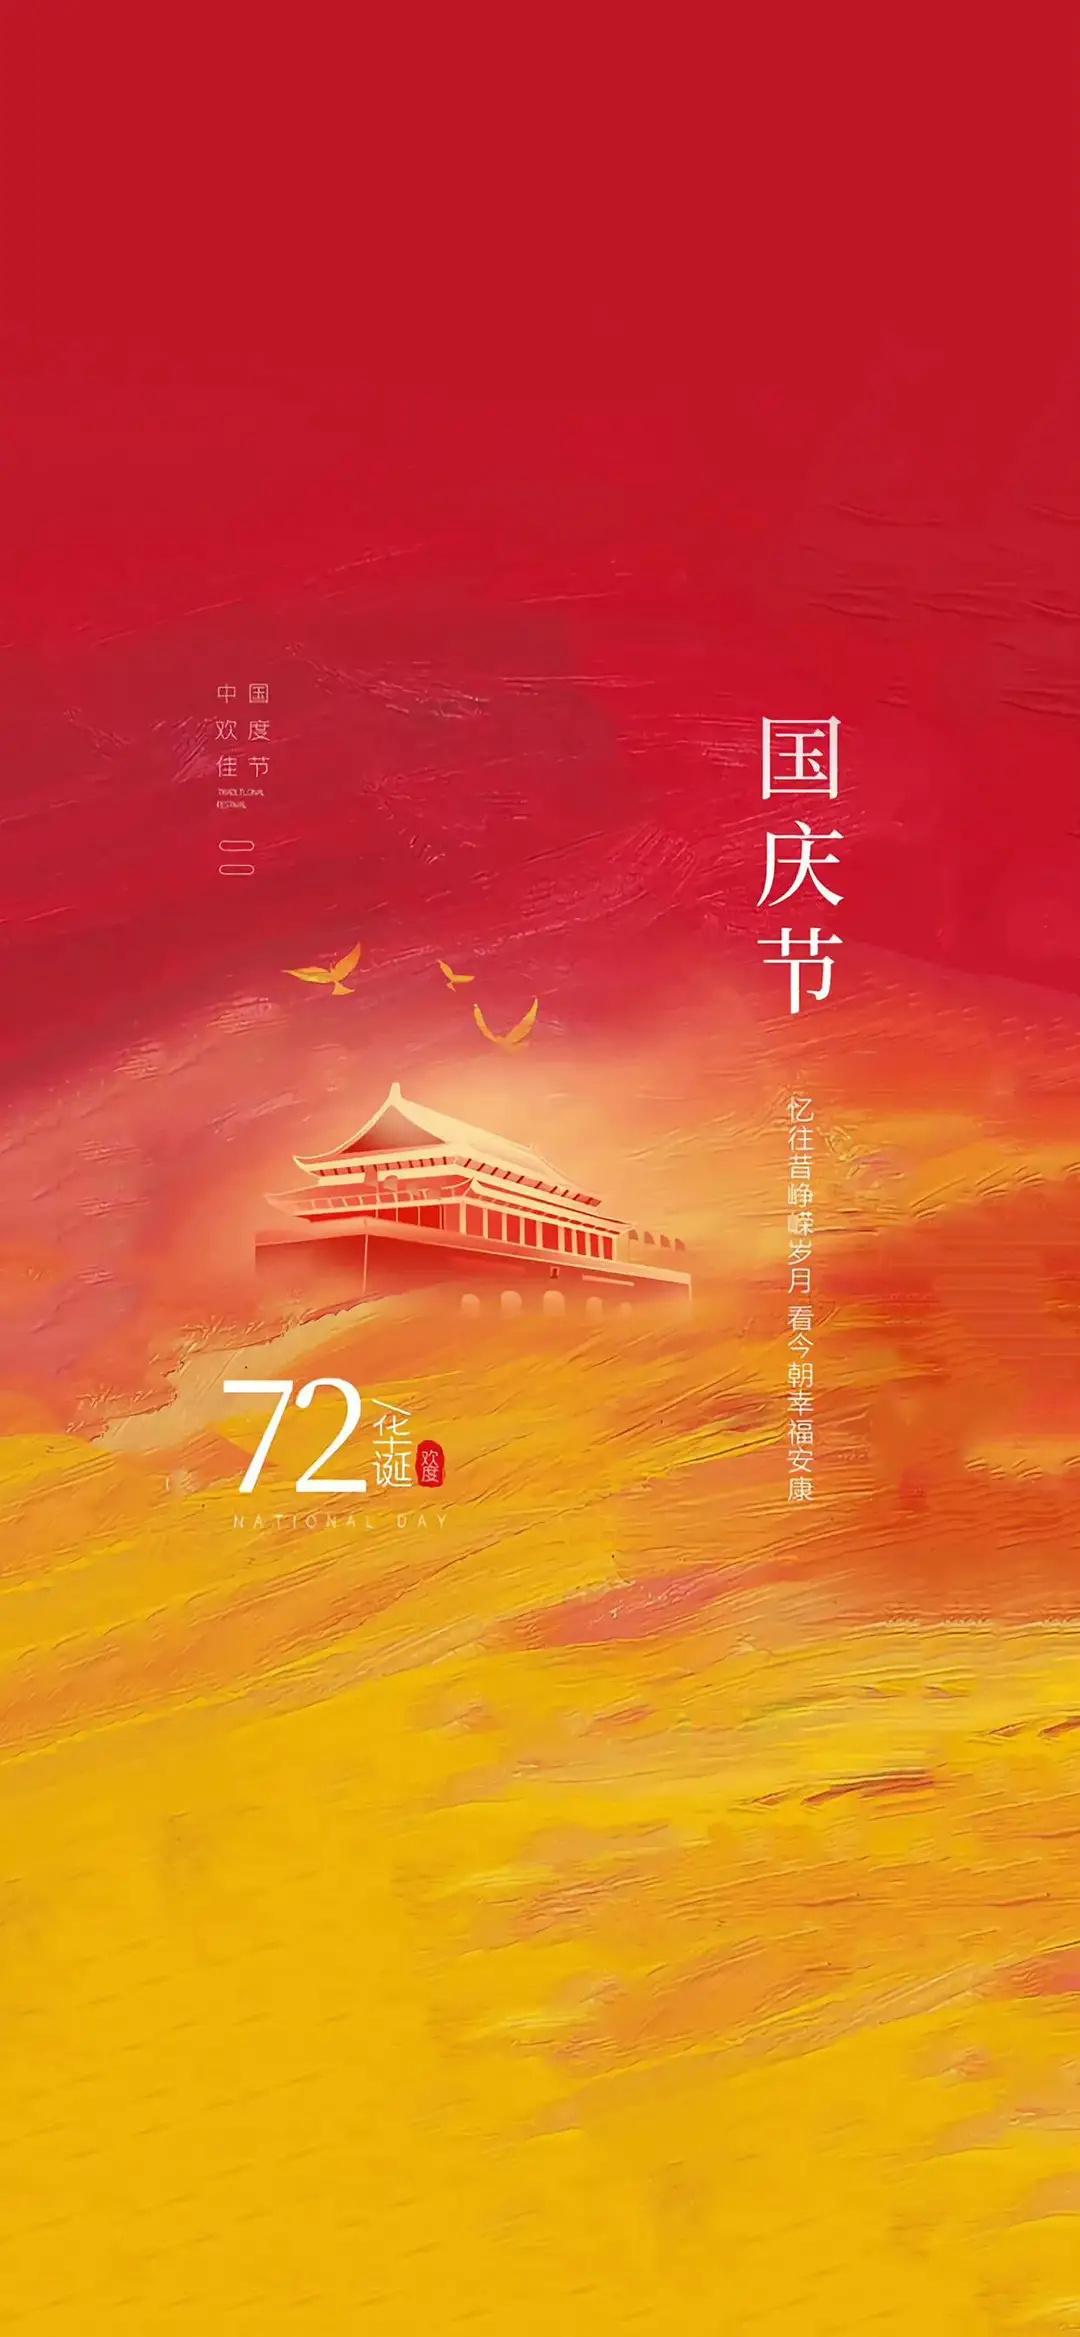 2021国庆节祝福语精选72条 适合发朋友圈的国庆节图片 liuliushe.net六六社 第5张